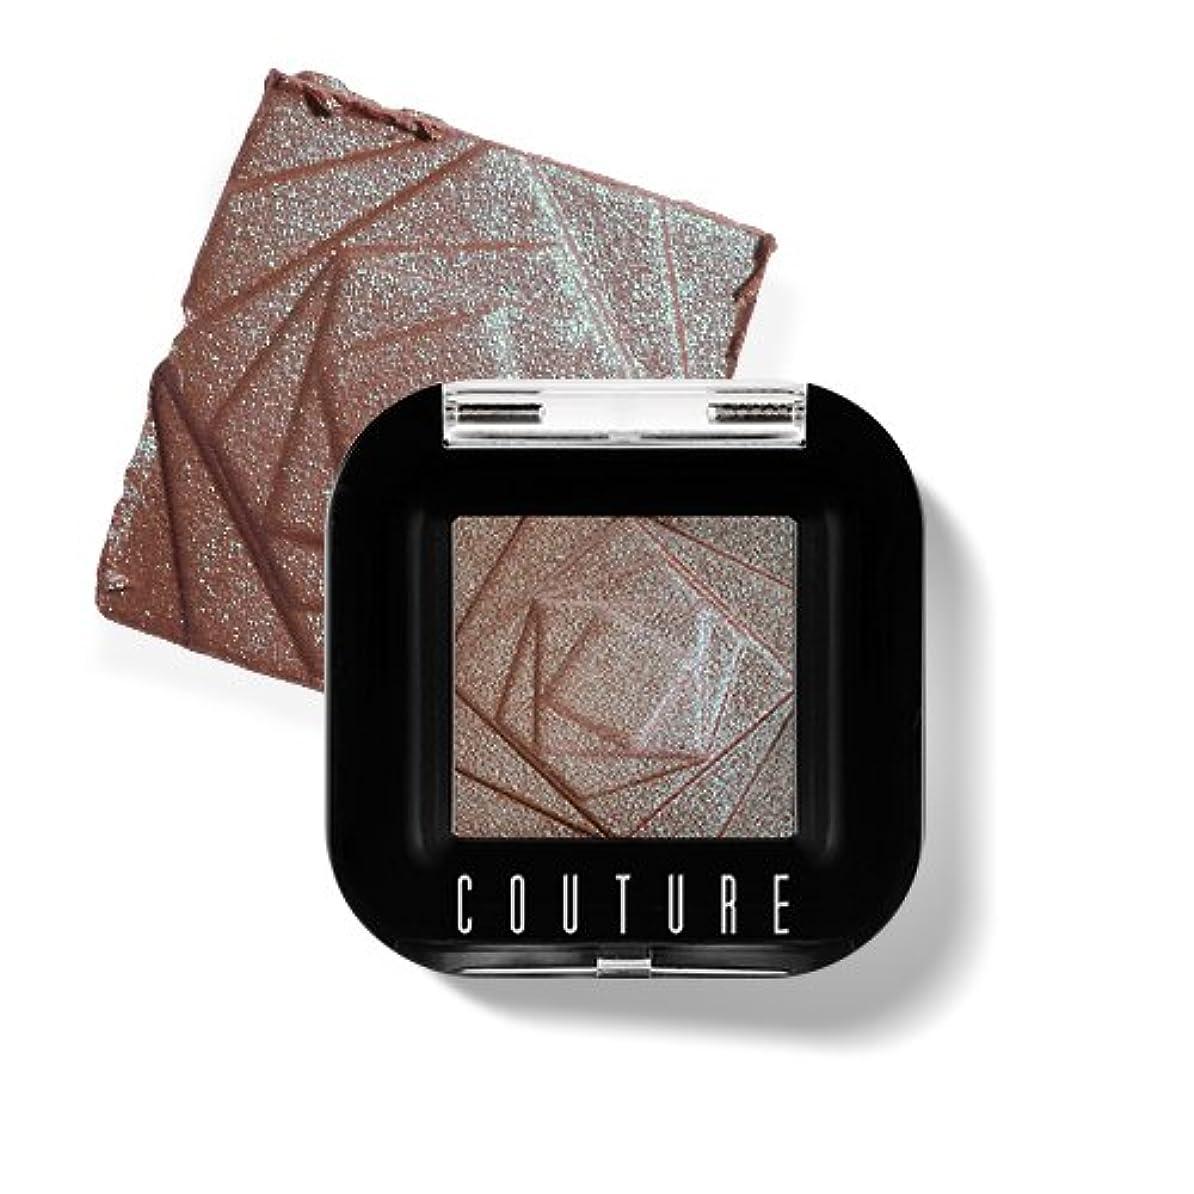 語オーストラリア色APIEU Couture Shadow (# 15) /アピュ/オピュ クチュールシャドウ [並行輸入品]